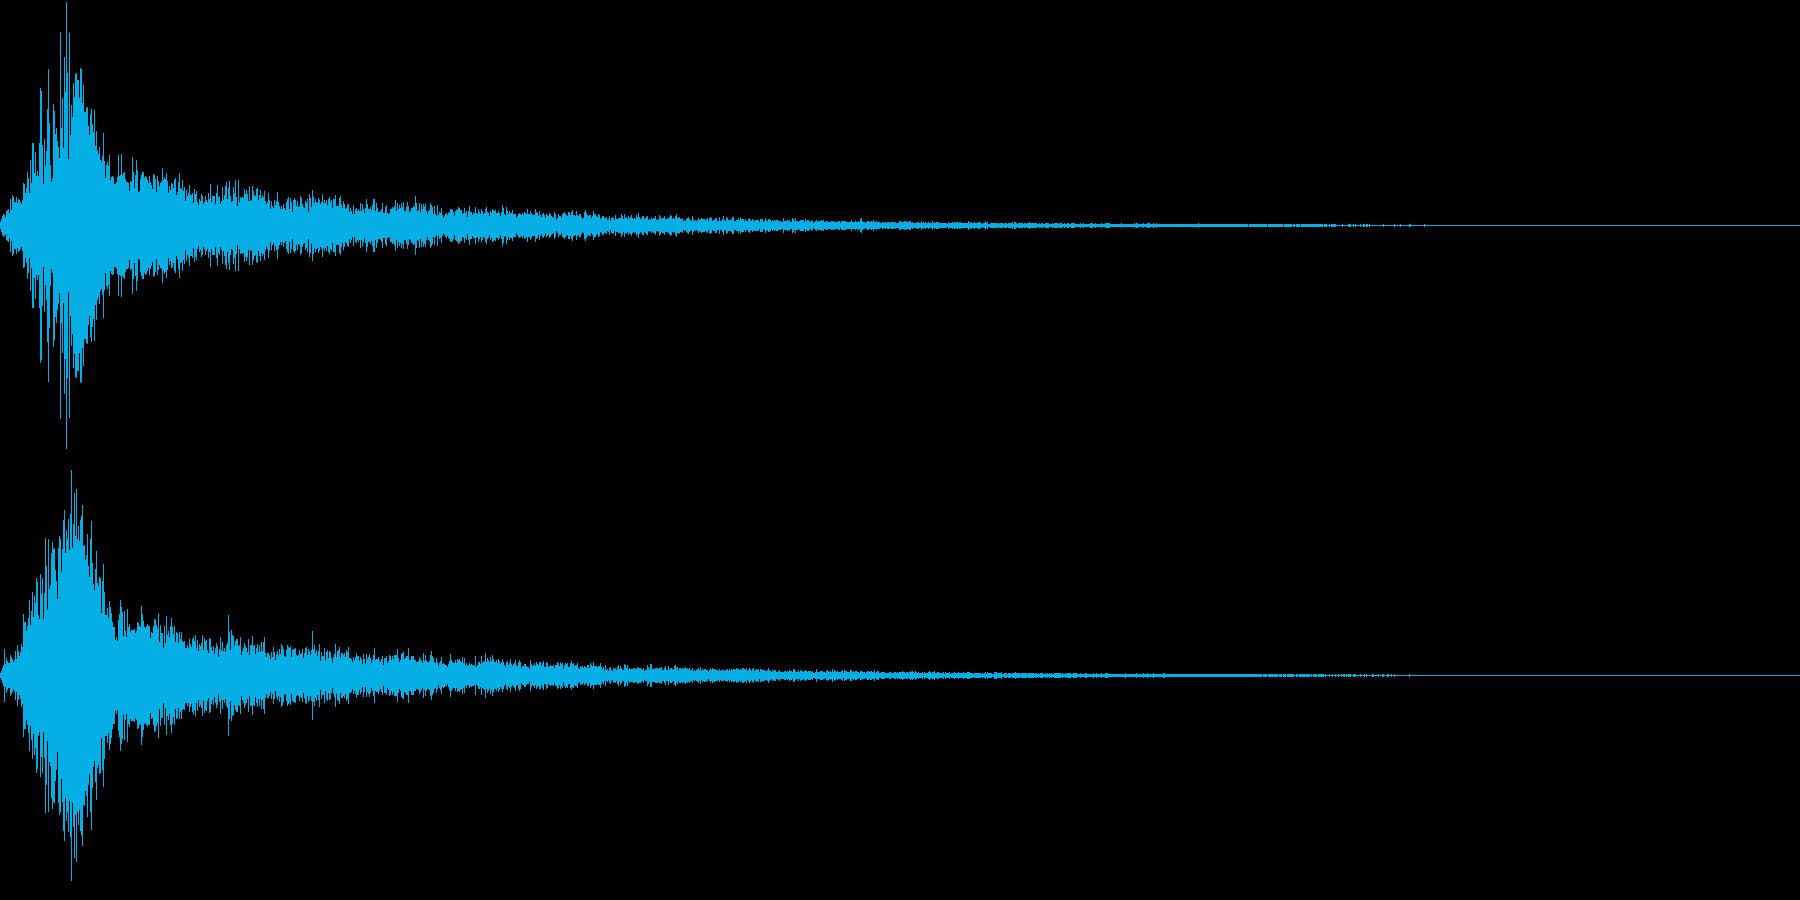 シュピーン・ピカーン・技・魔法の再生済みの波形